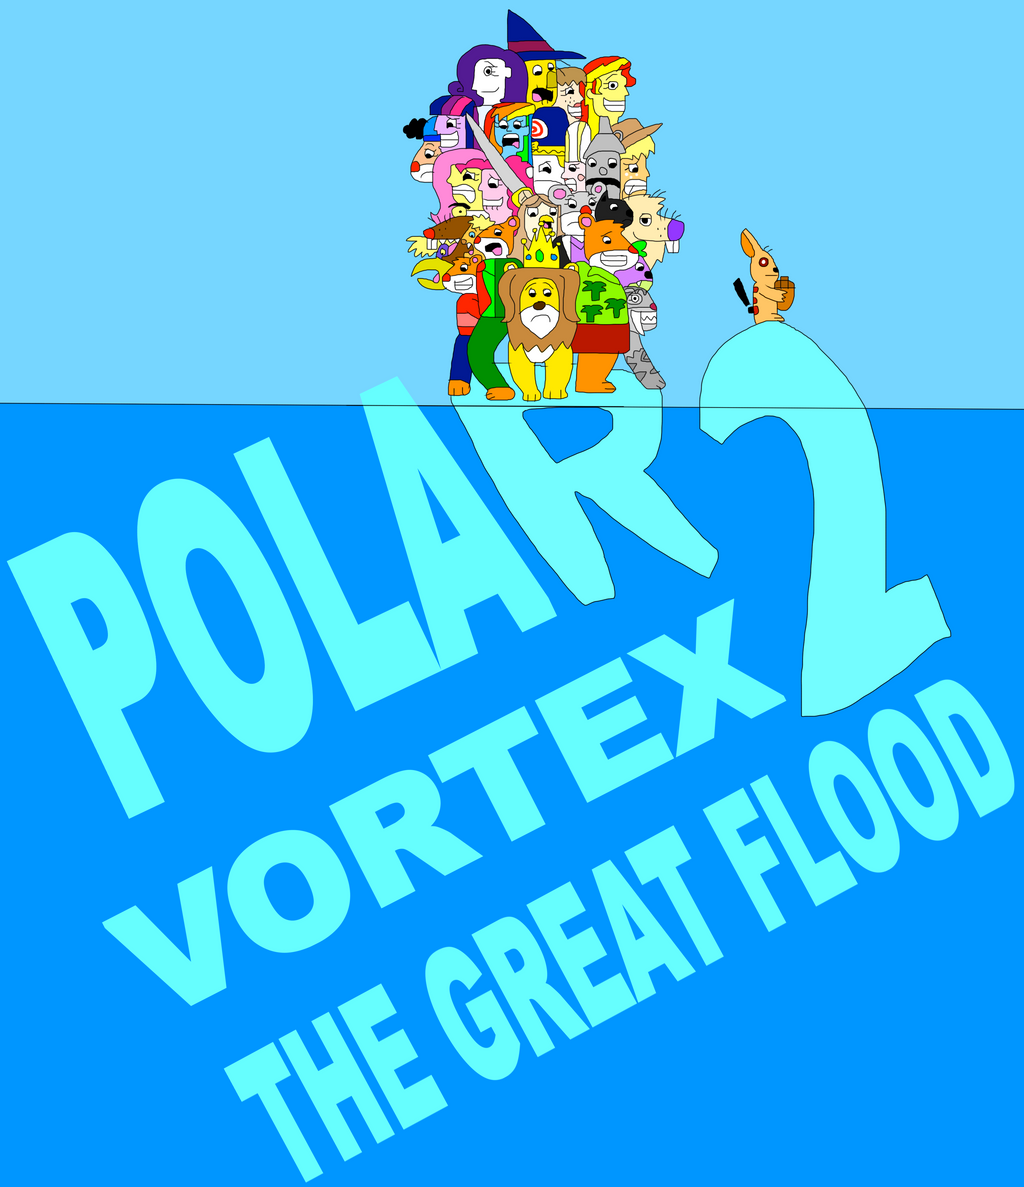 Rockville Police Polar Bear Plunge - YouTube